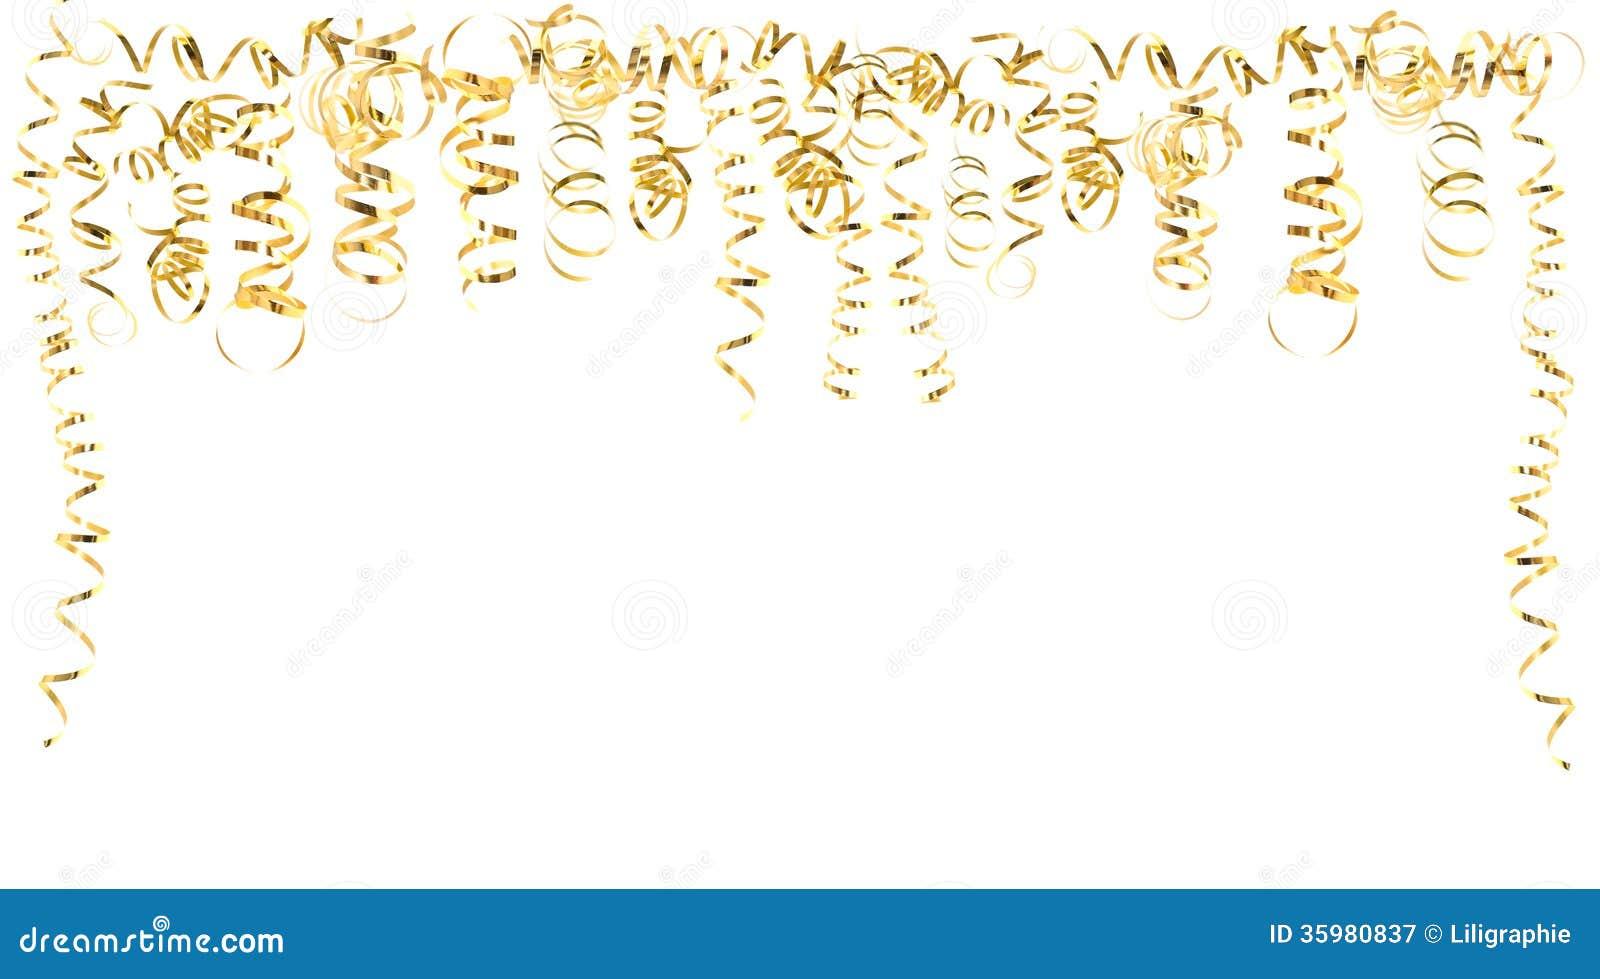 Flámulas Serpentinas De Oro Aisladas En Blanco Imagen de archivo - Imagen de acontecimiento ...